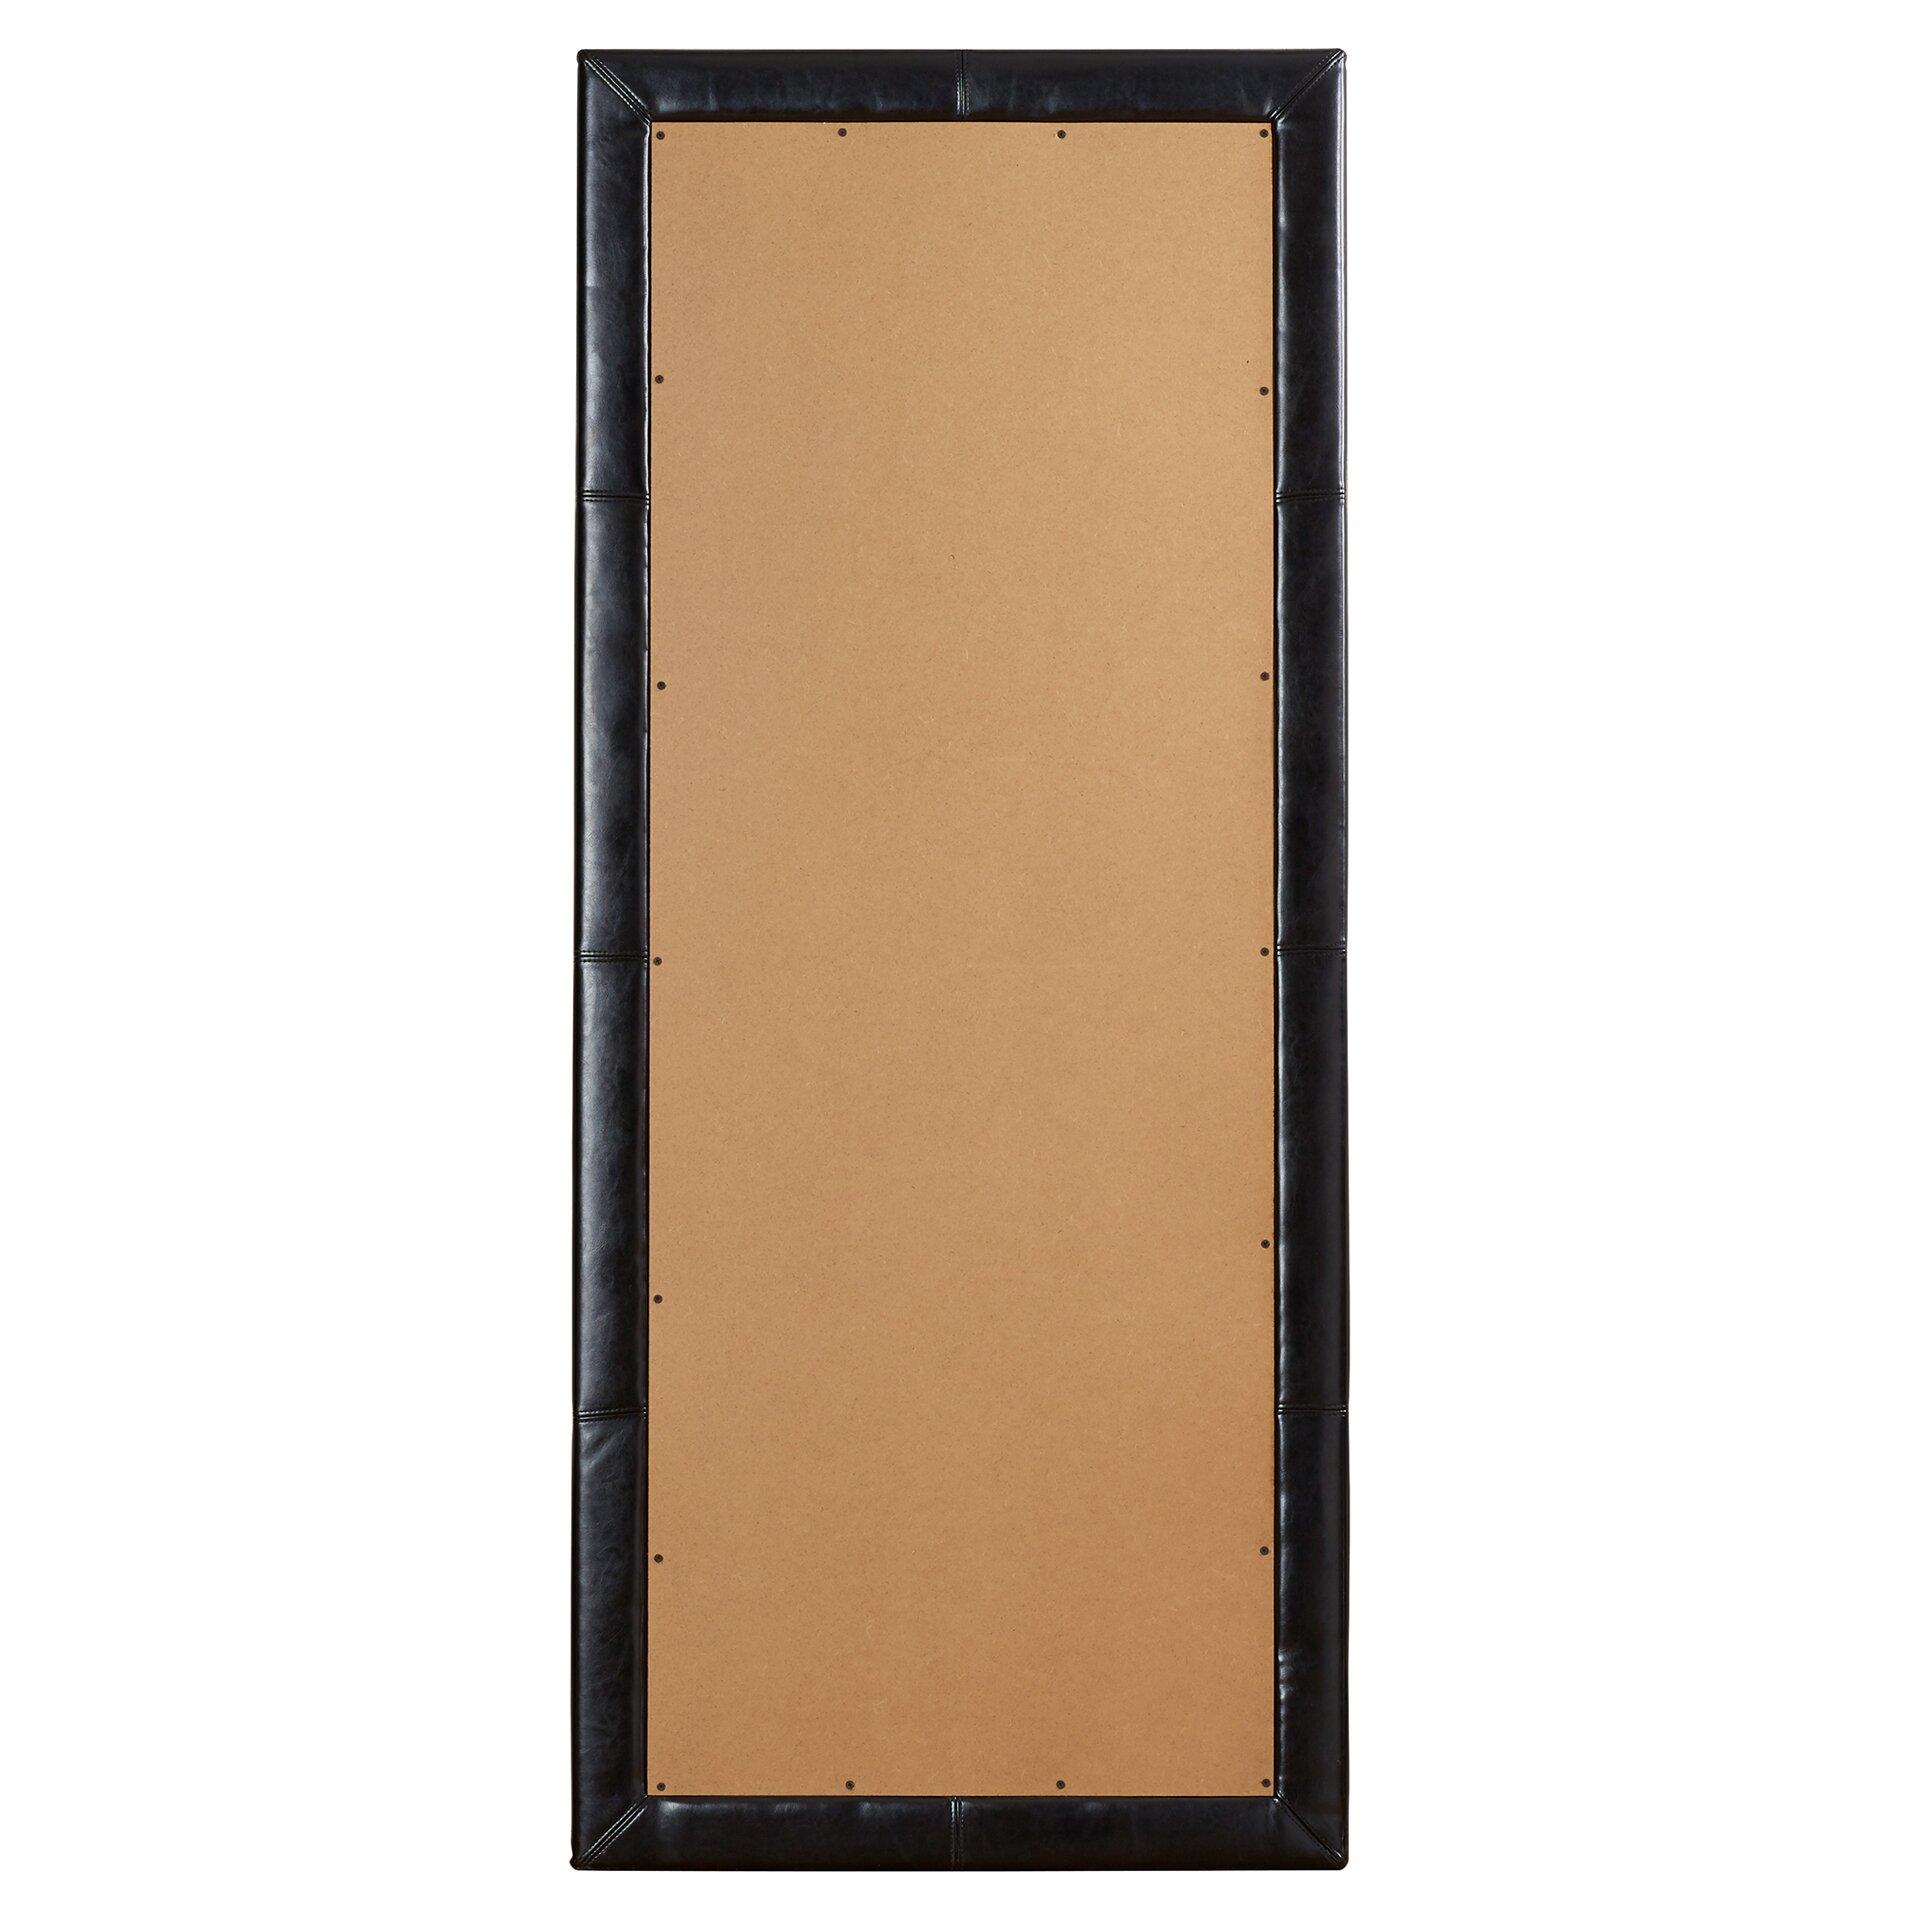 Wade logan floor mirror reviews wayfair for Glass floor mirror